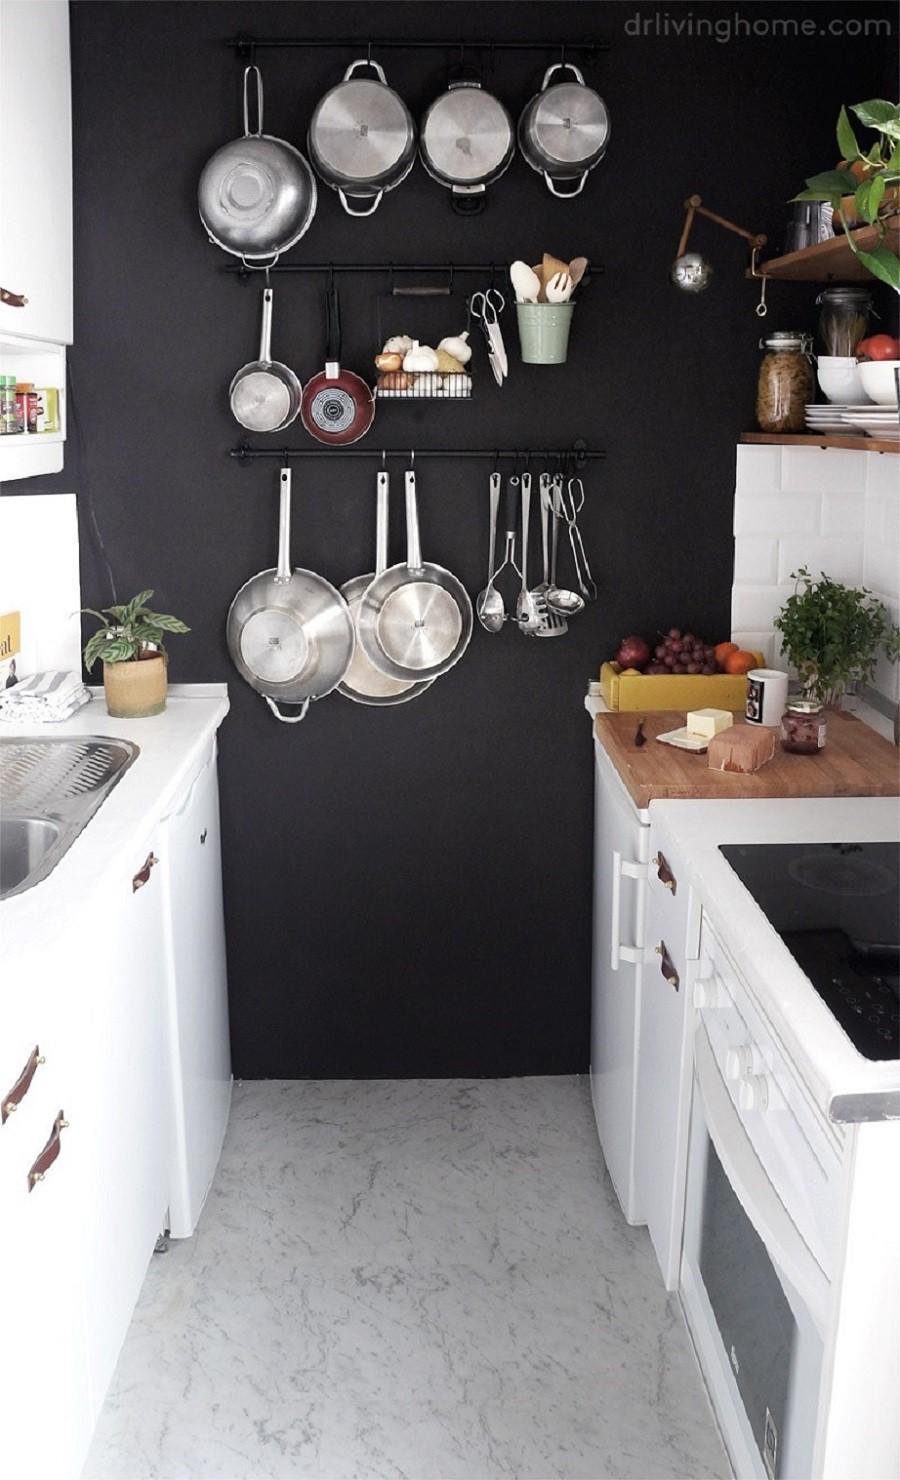 Muốn tủ bếp lúc nào cũng gọn gàng, ngăn nắp hãy tham khảo ngay những thiết kế lưu trữ đồ dùng làm bếp này - Ảnh 4.